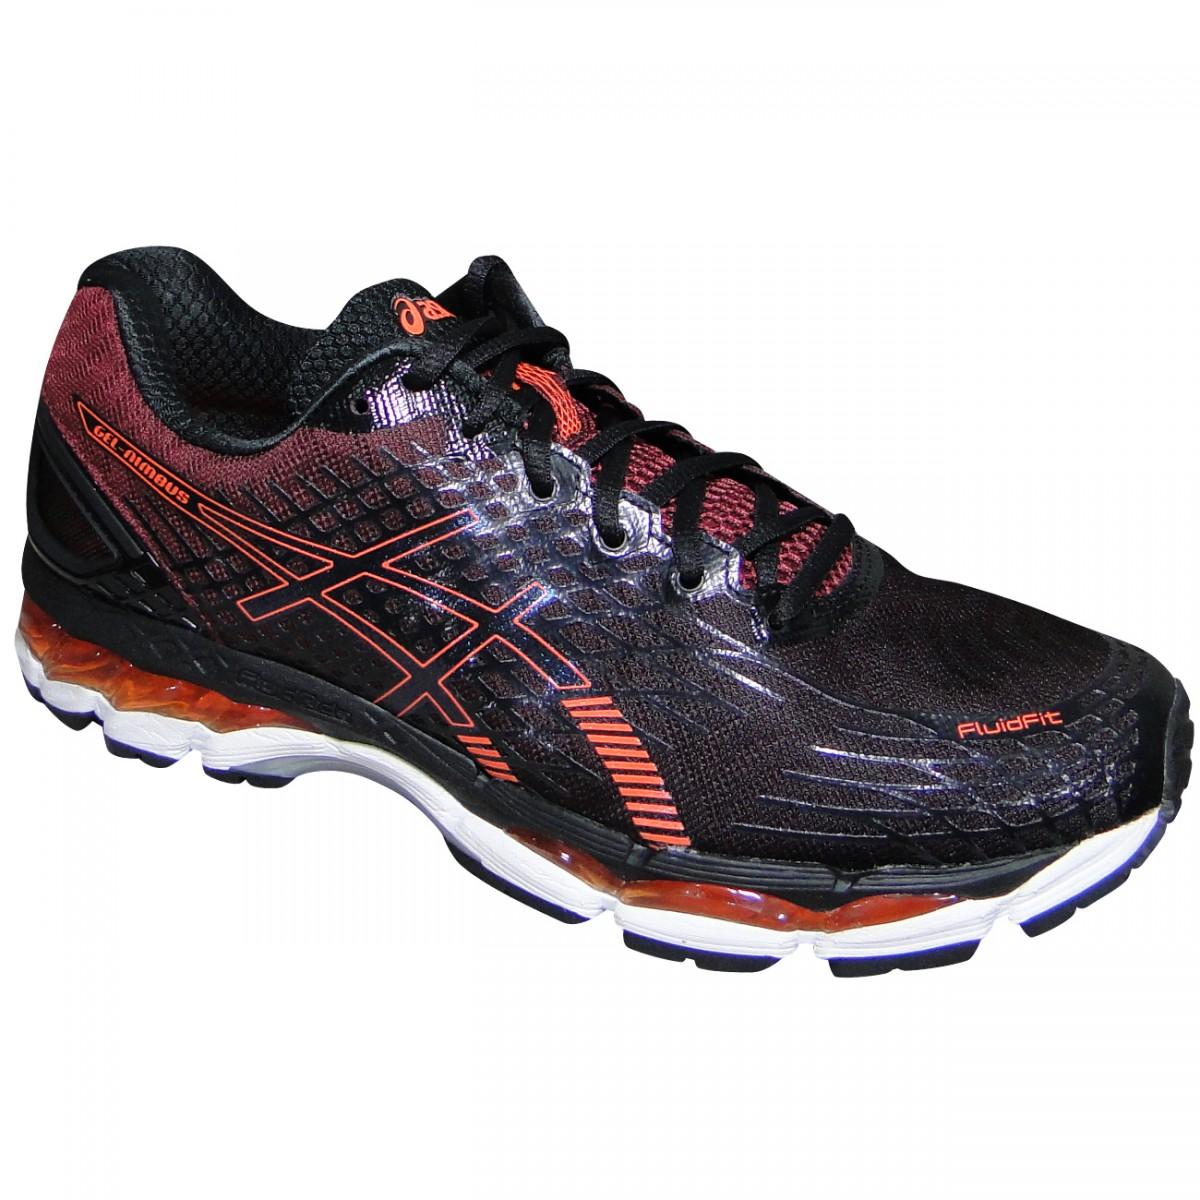 Tenis Asics Gel-Nimbus 17 T507N 9030 - Preto Vinho Laranja - Chuteira Nike 67f6a3ffd35b8